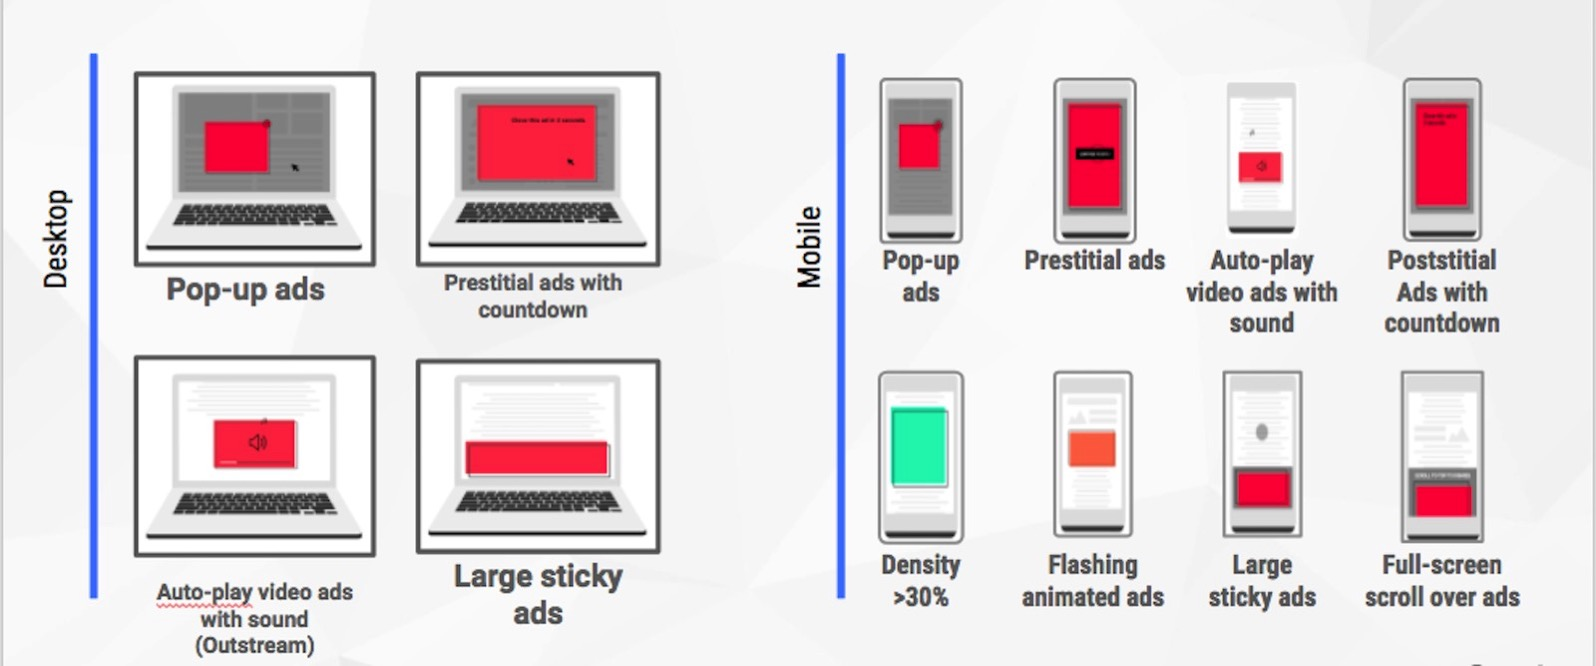 Coalition-for-Better-Ads_Better-Ads-Standards.jpg